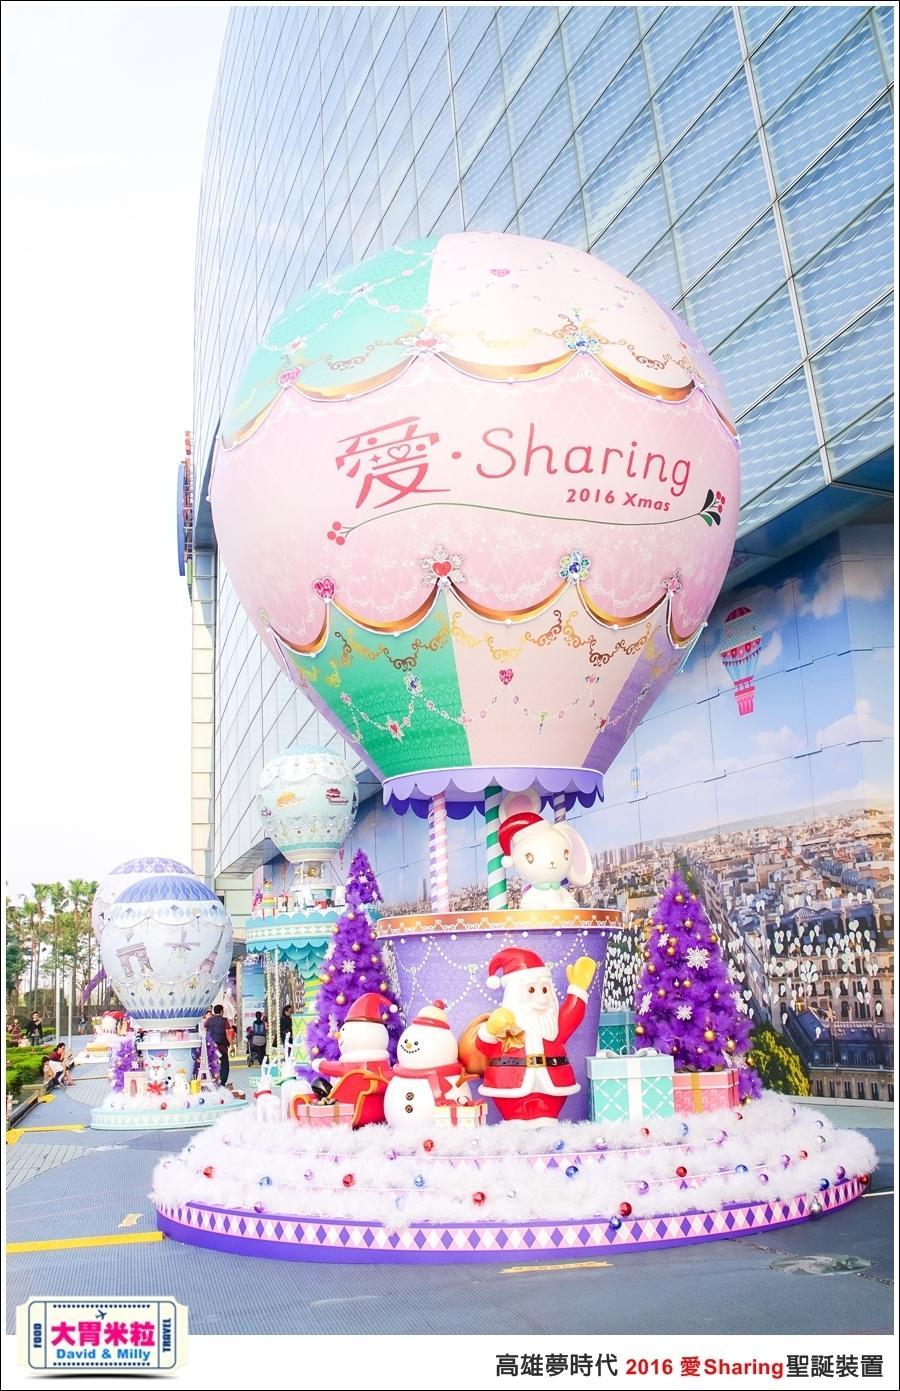 2016聖誕約會景點推薦@高雄夢時代 統一時代百貨 2016聖誕裝置@大胃米粒0015.jpg